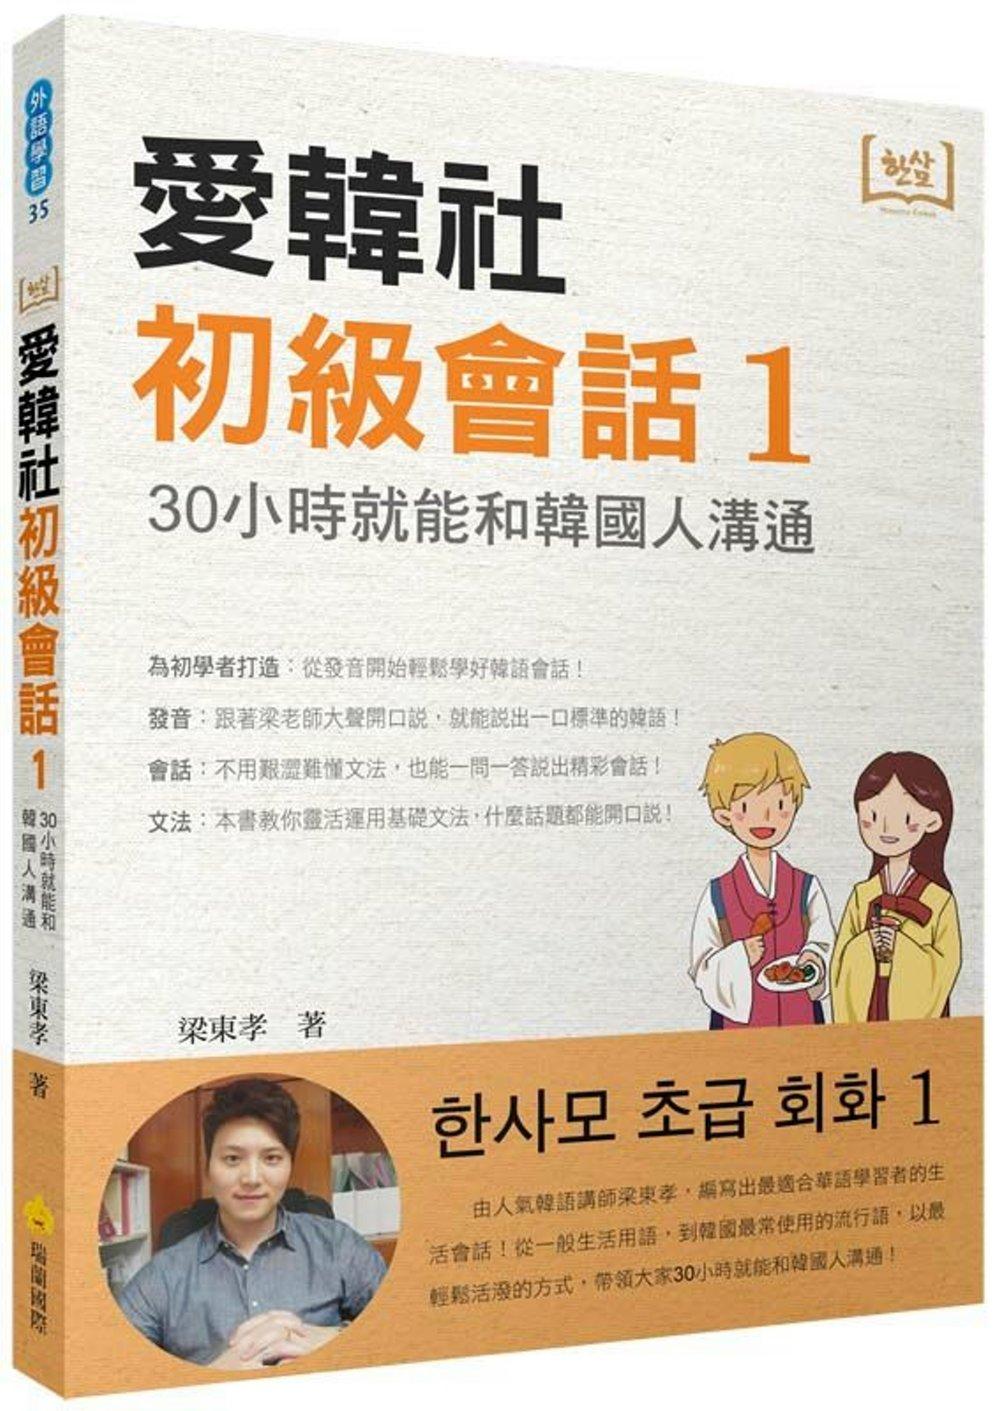 愛韓社初級會話1:30小時就能和韓國人溝通(隨書附贈作者親錄韓語發音+朗讀MP3)